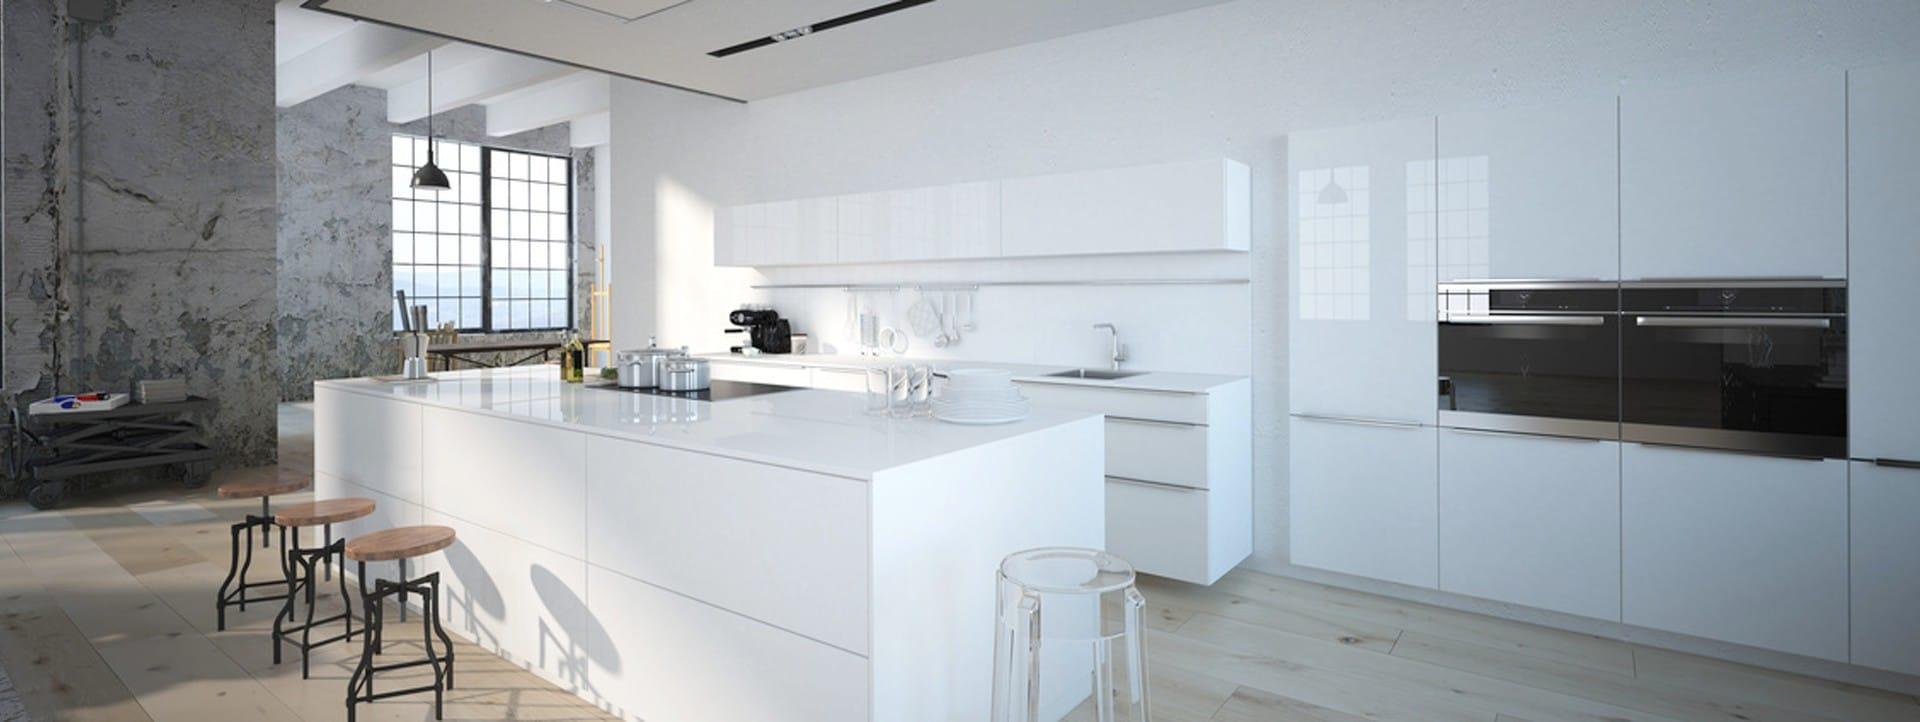 Ausgezeichnet Maßgeschneidertes Küchendesign Steinhaus Bilder ...